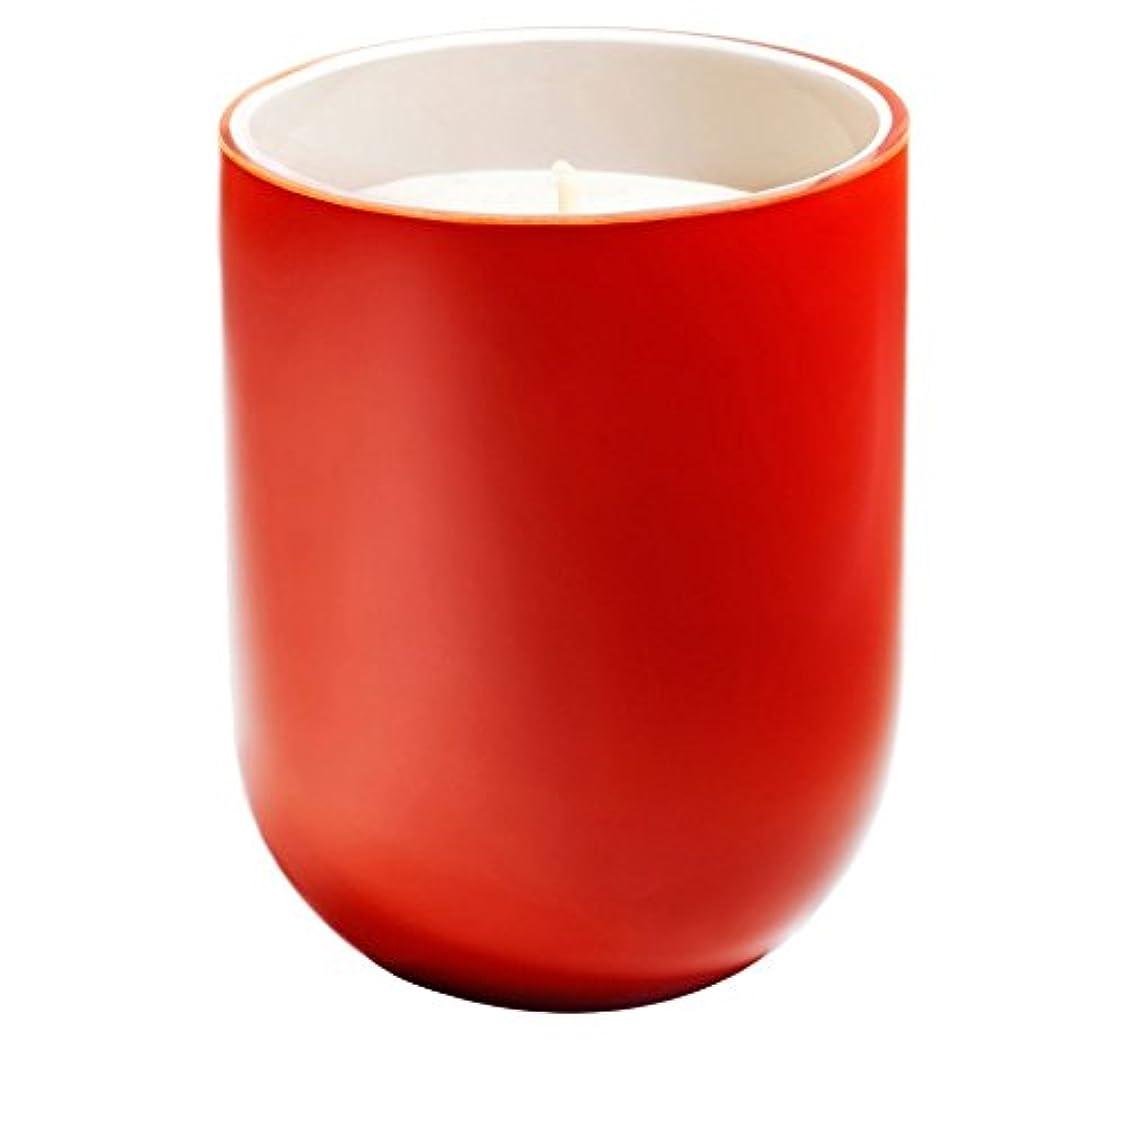 下向き暖かさ気づくなるFrederic Malle Russian Night Scented Candle (Pack of 4) - フレデリック?マルロシアの夜香りのキャンドル x4 [並行輸入品]